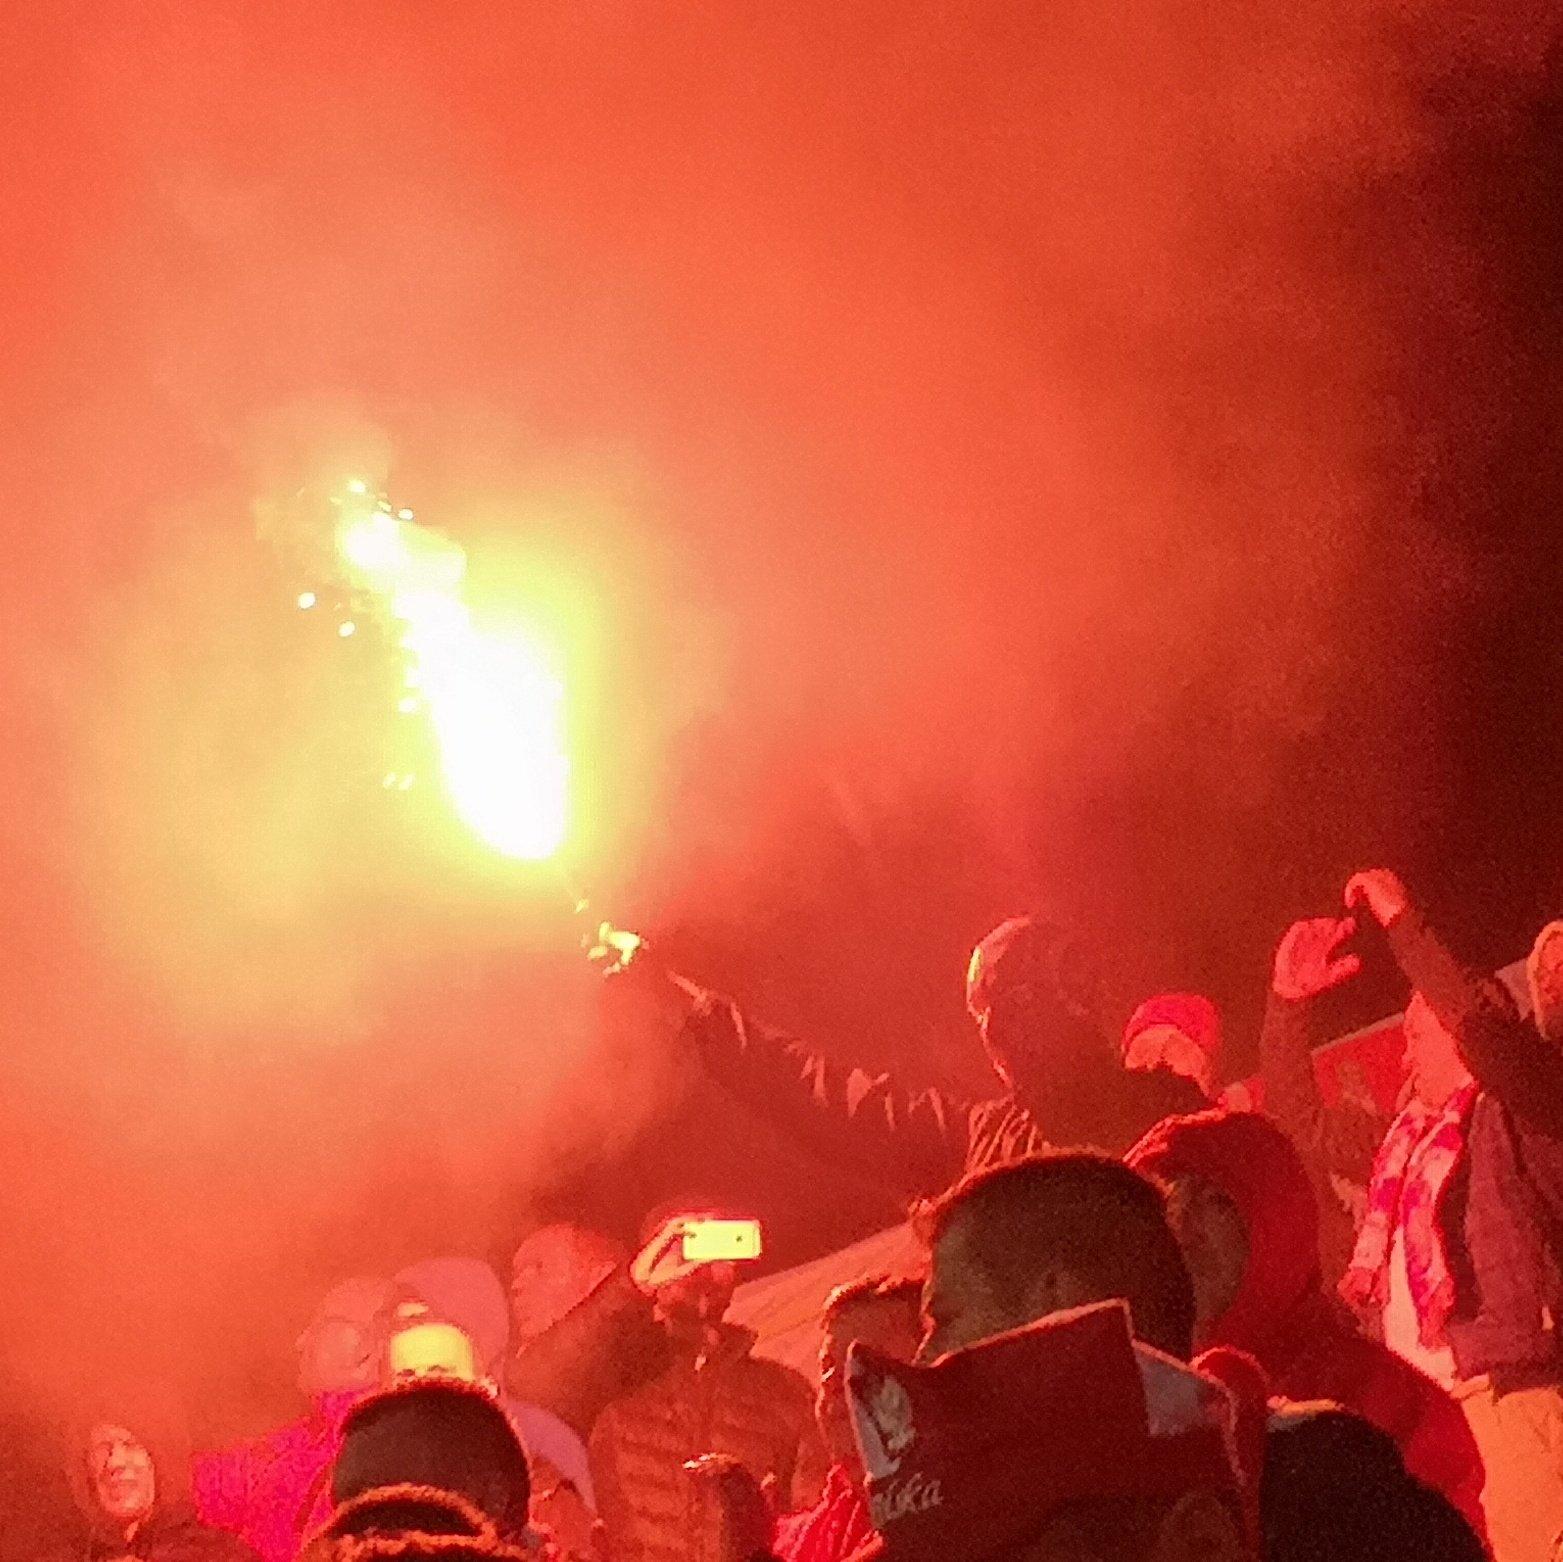 Poļu futbola fans maskā un ar dūmu sveci rokā